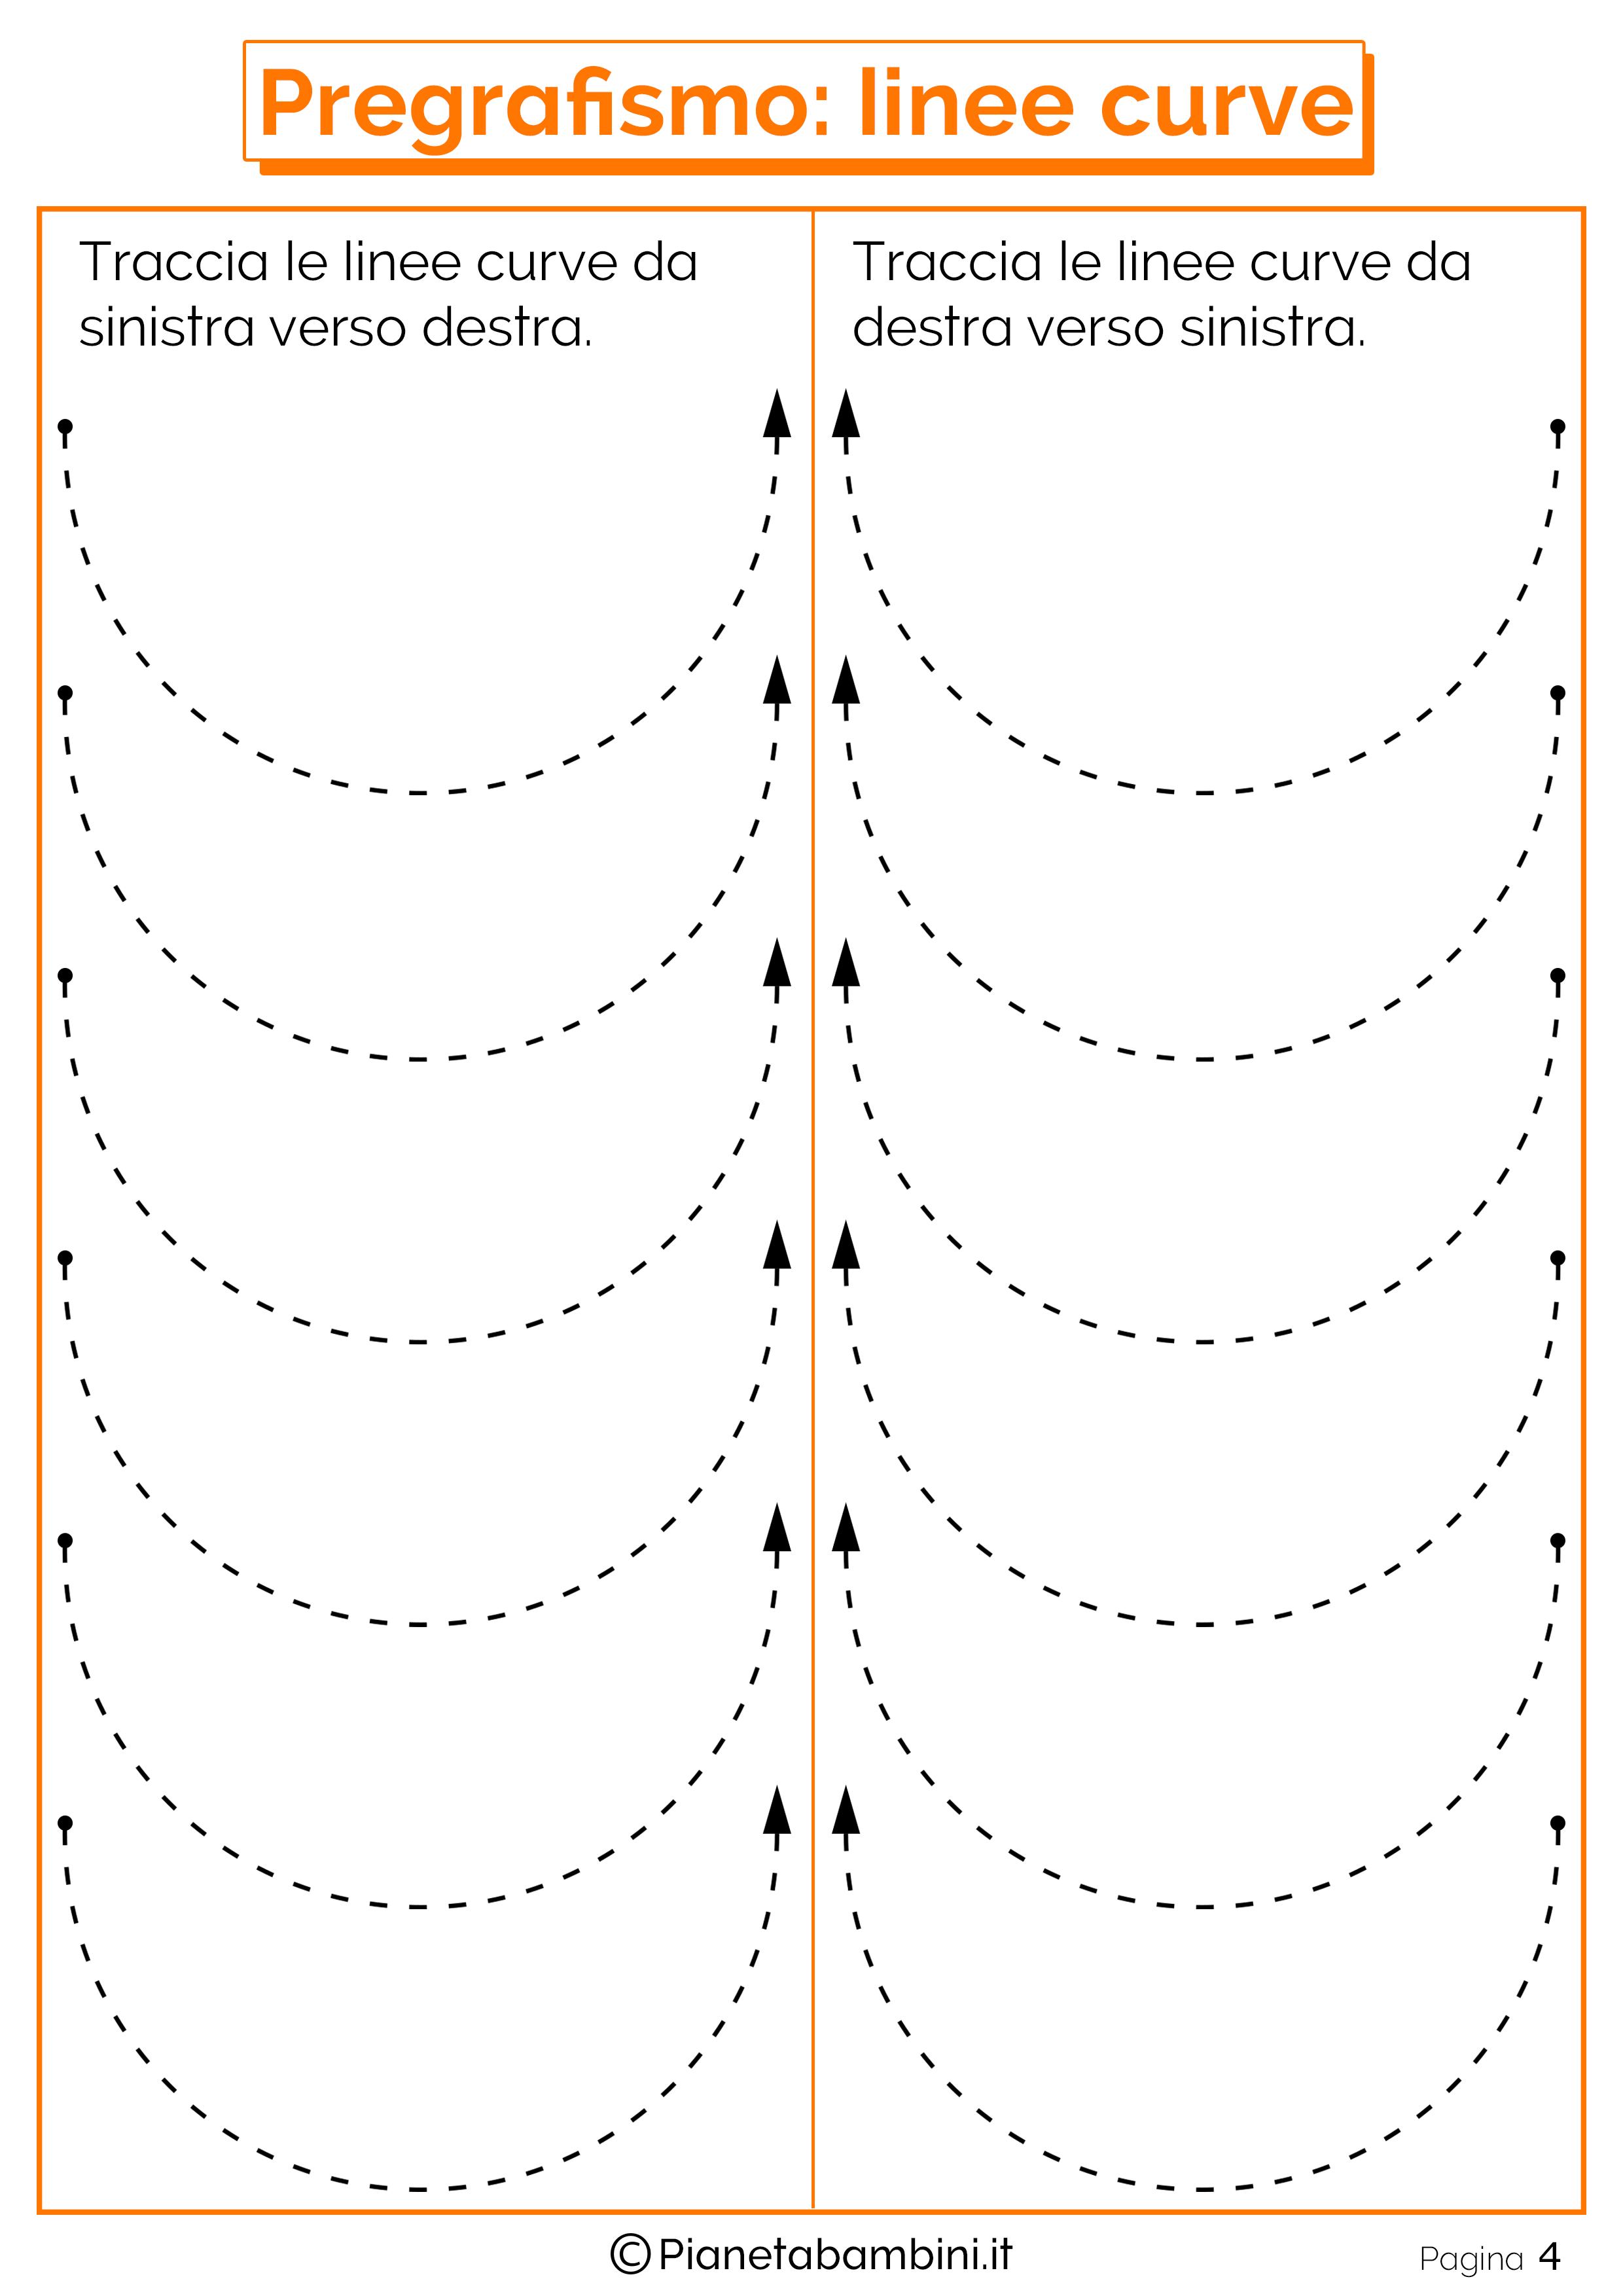 Pregrafismo-Linee-Curve_04